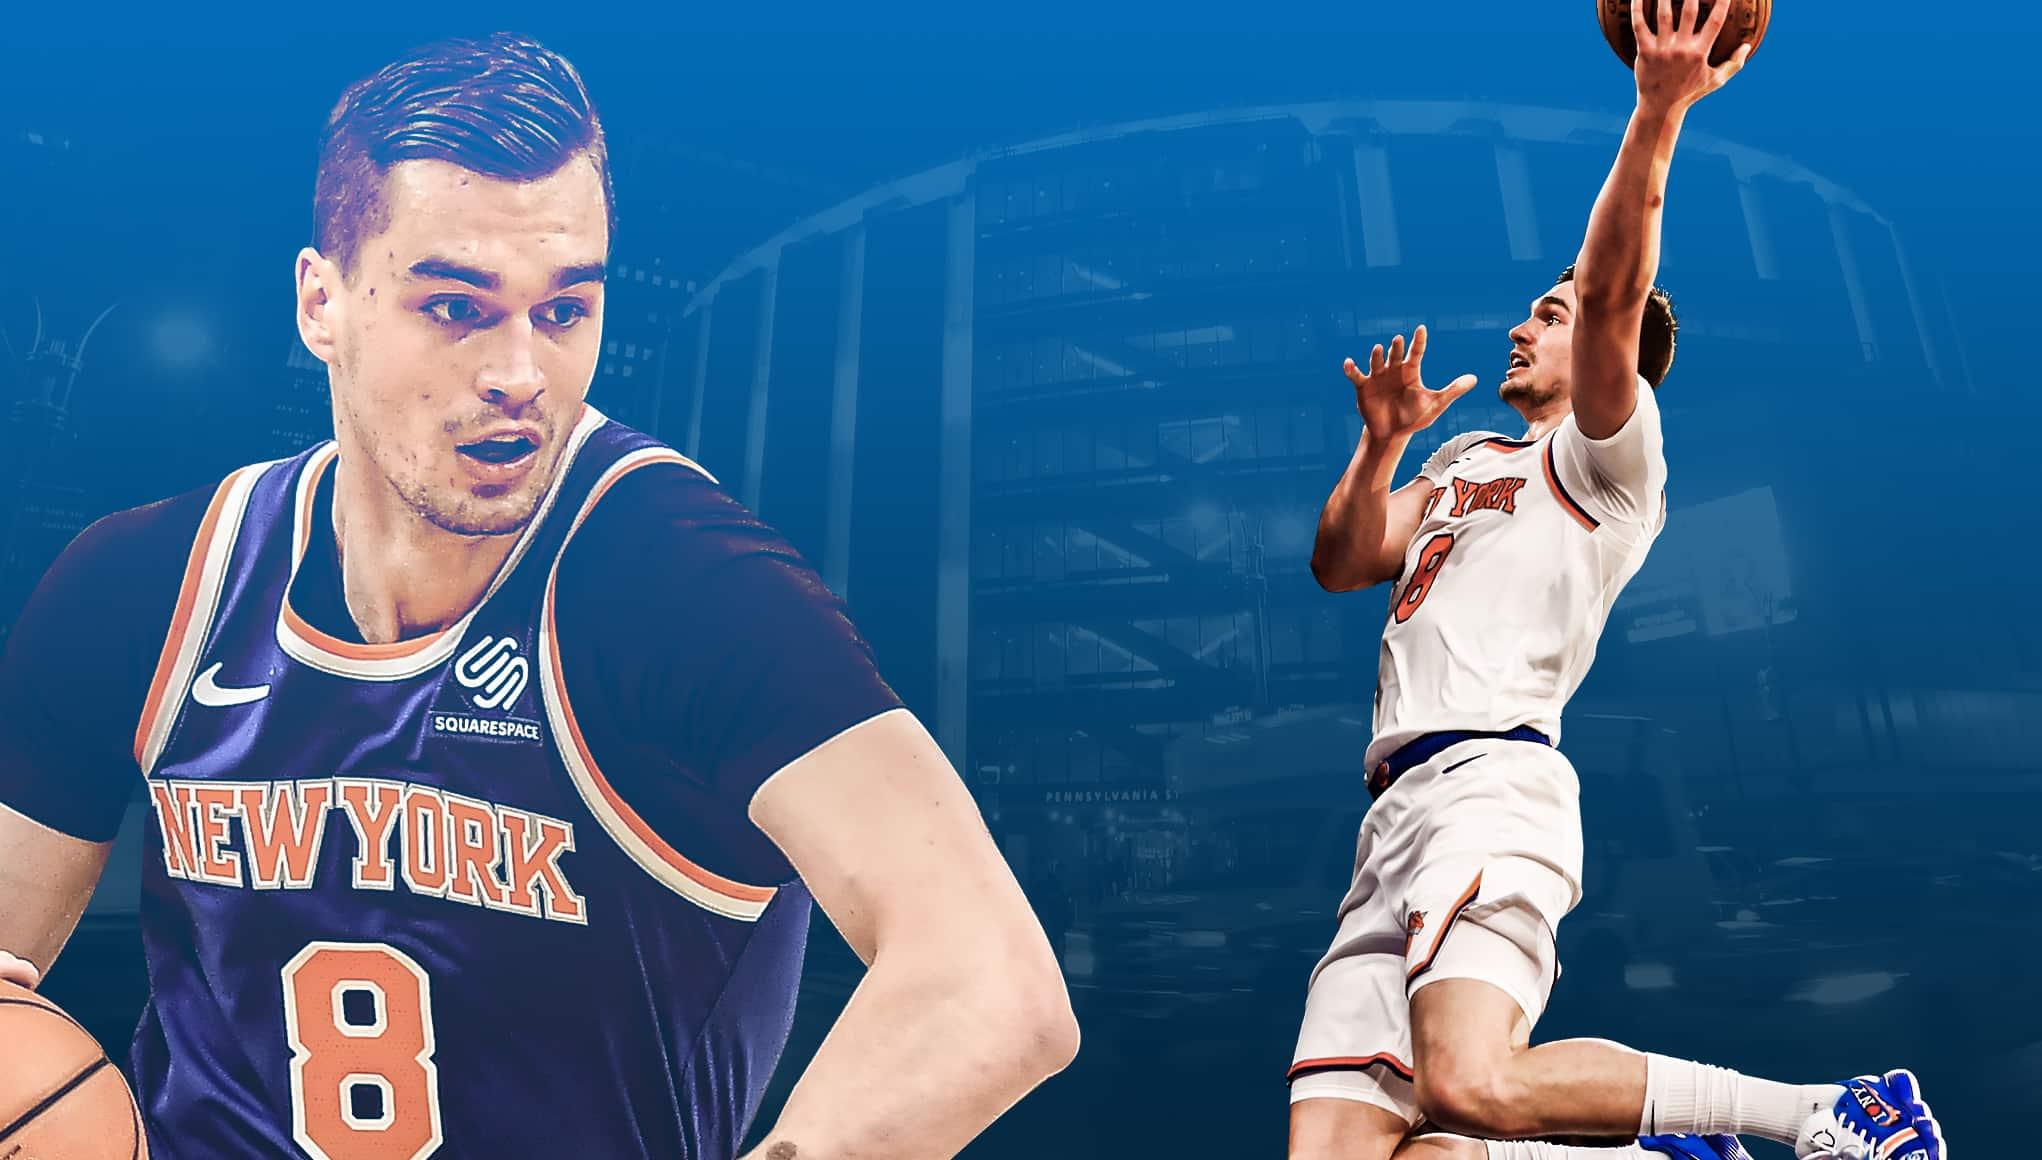 New York Knicks Mario Hezonja